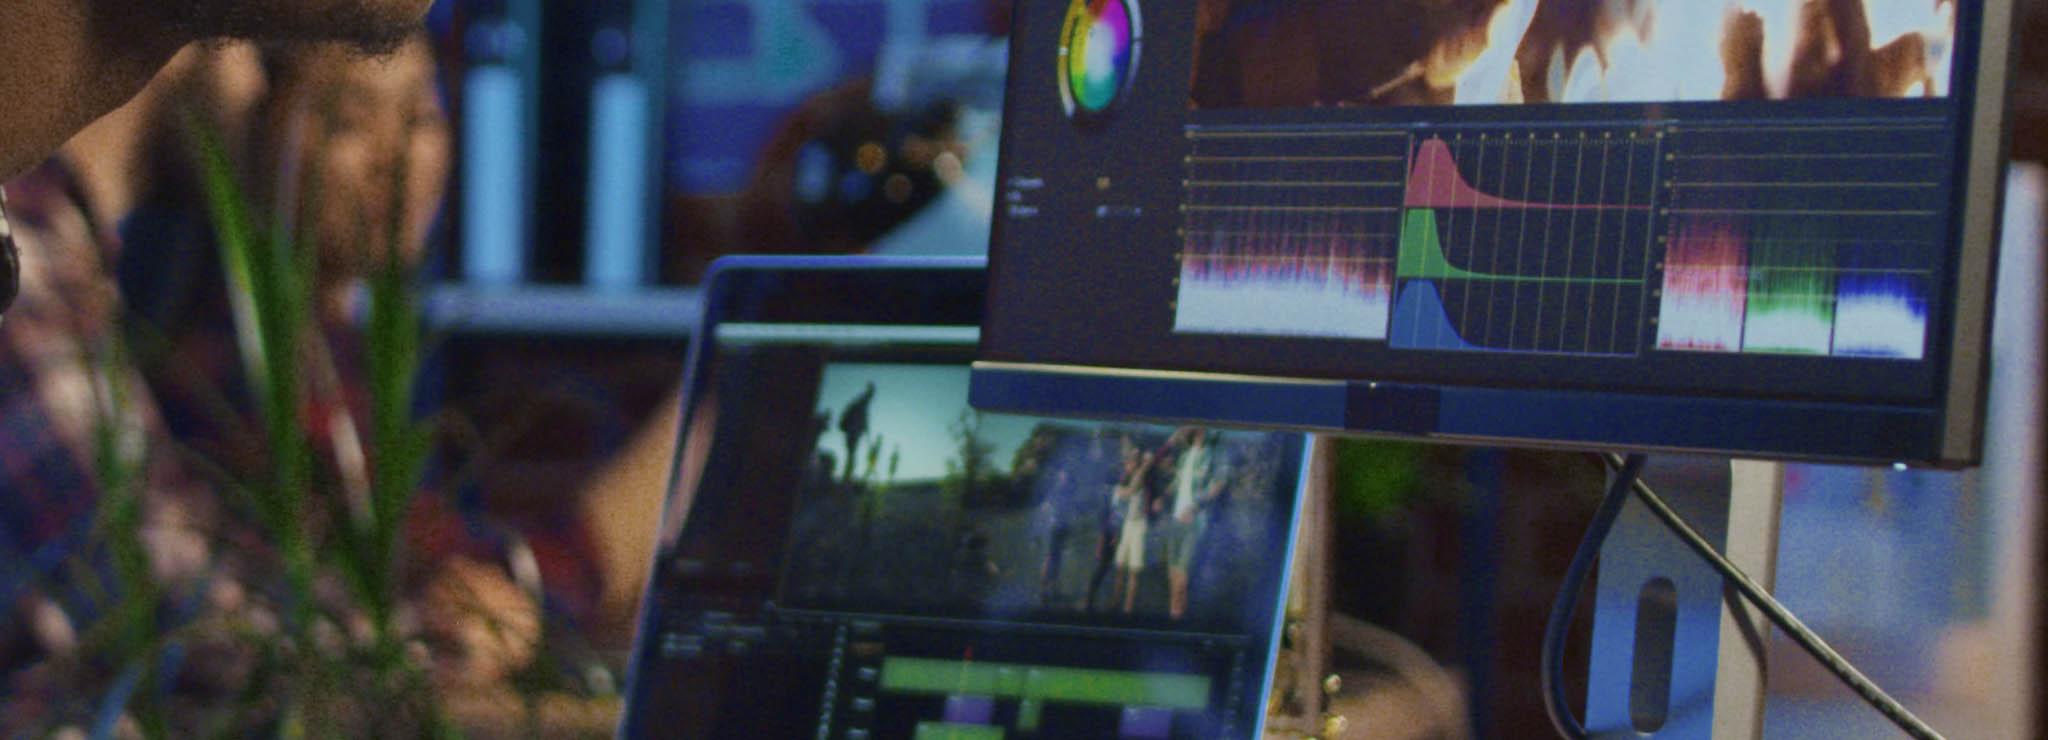 Experto-en-Edicion-de-Video-con-Adobe-Premiere-y-Adobe-After-Effects